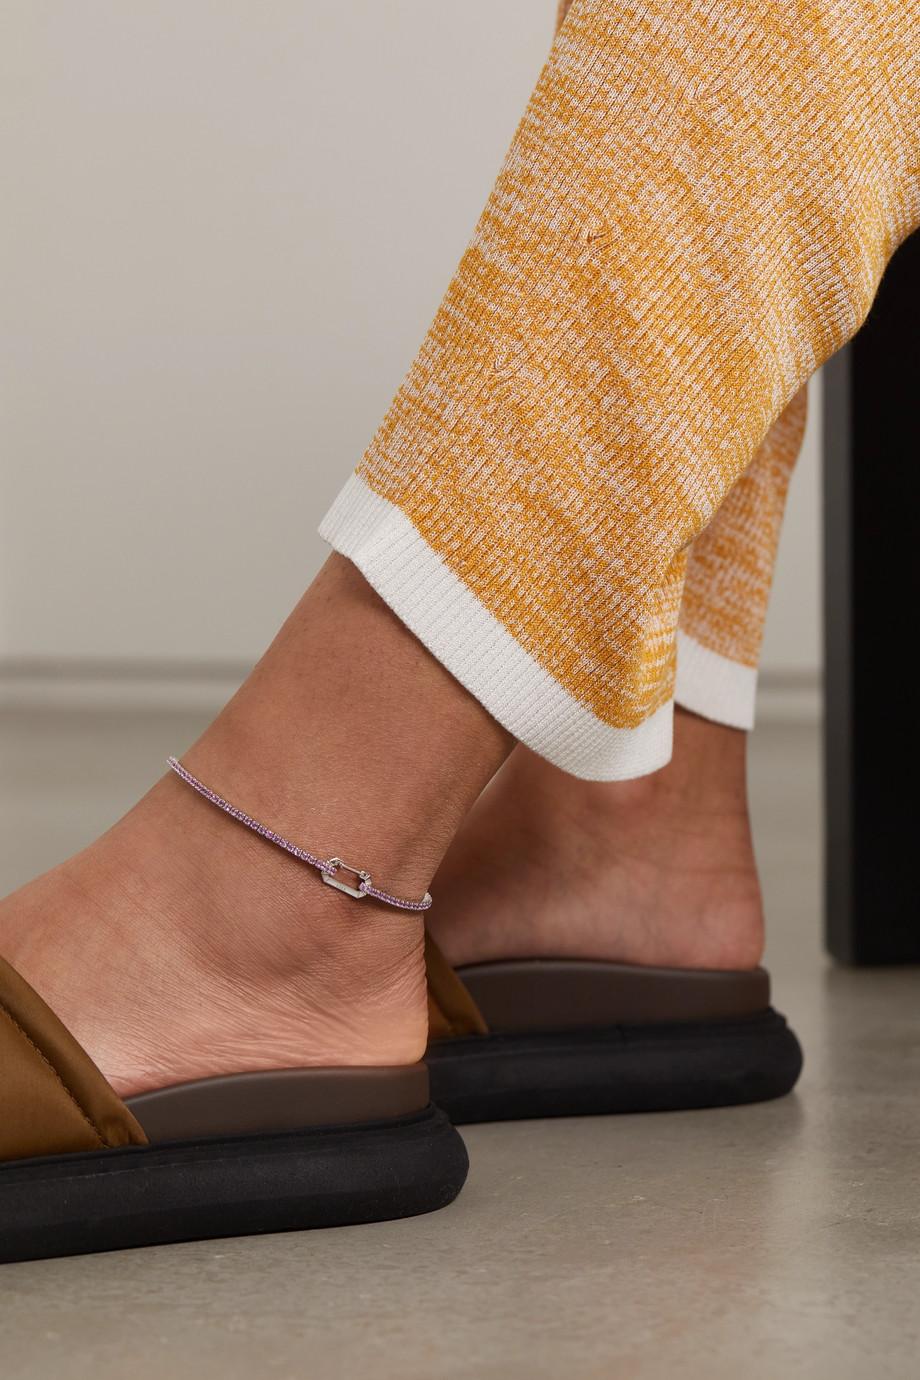 EÉRA 18-karat white gold sapphire anklet